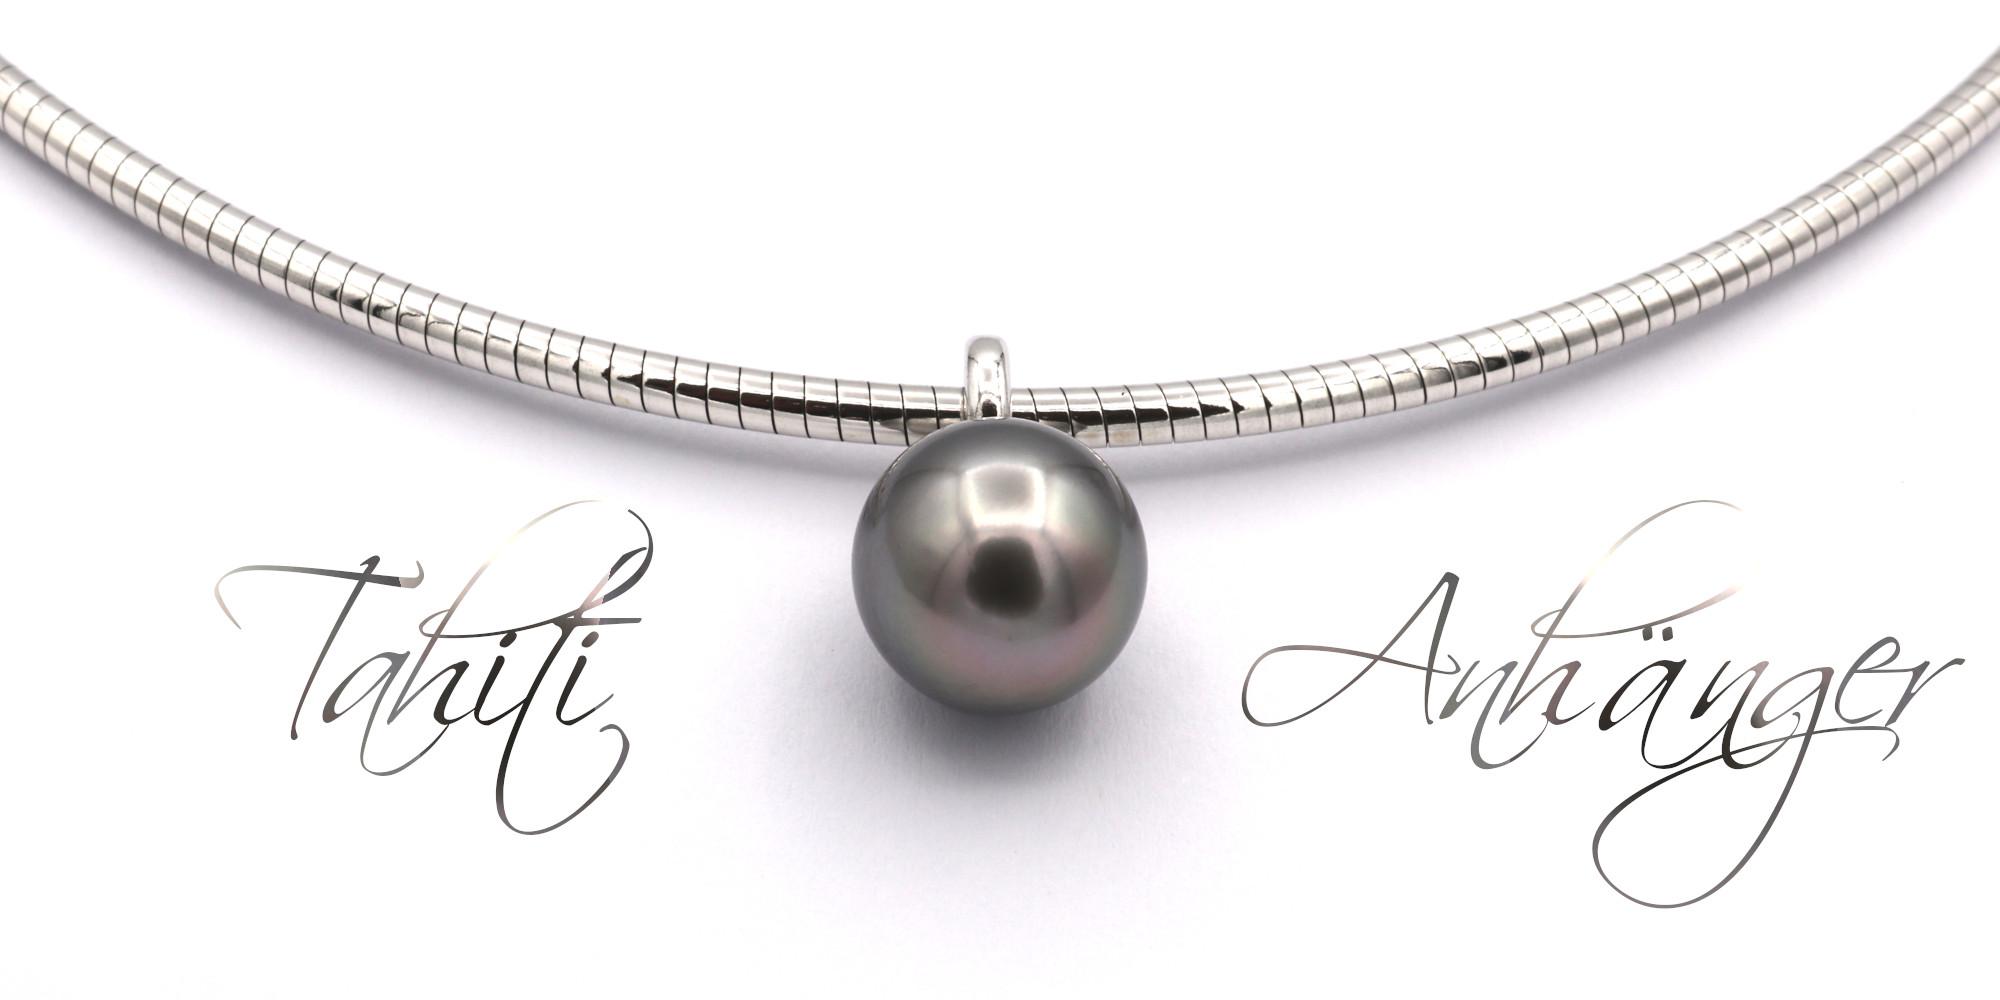 id628 Tahiti Zucht Perle Anhaenger Silber Omega Tonda Goldschmiede Mace Breitformat beschriftet